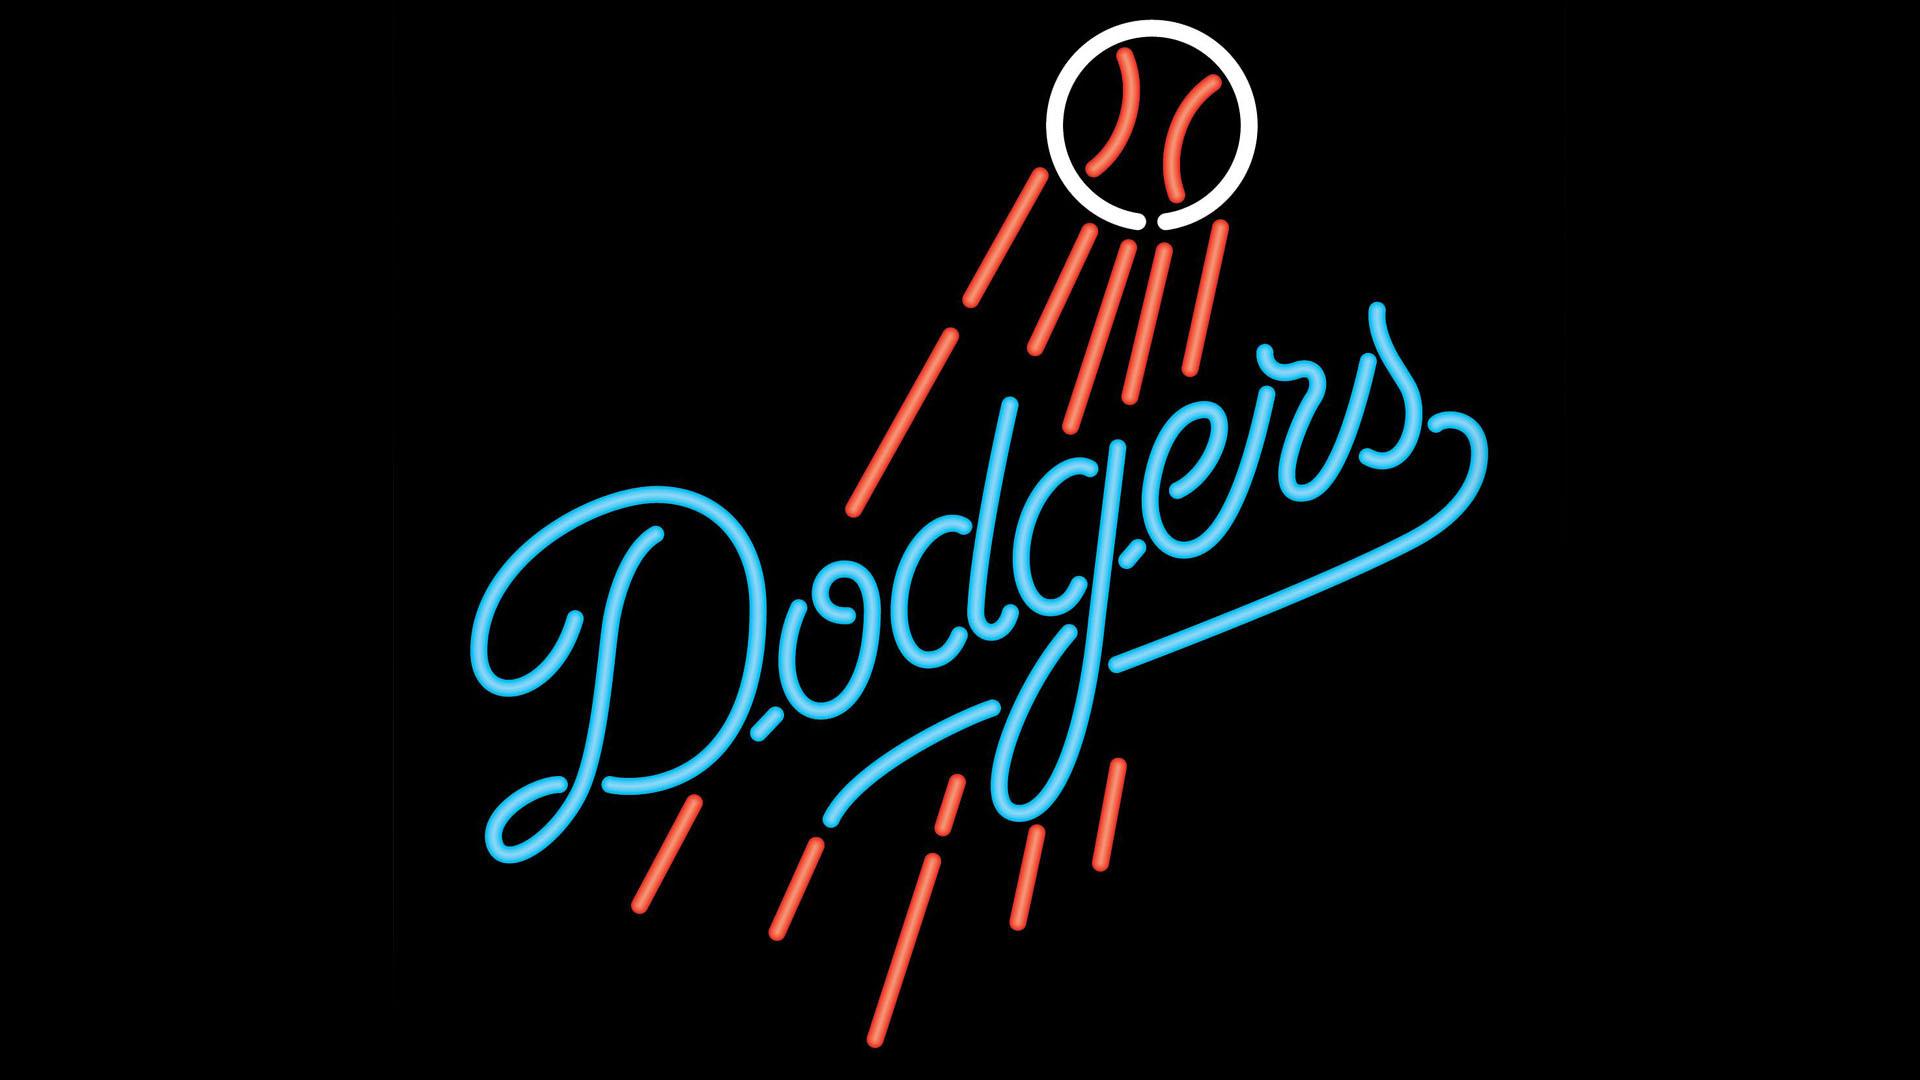 la dodgers desktop wallpaper hd - photo #8